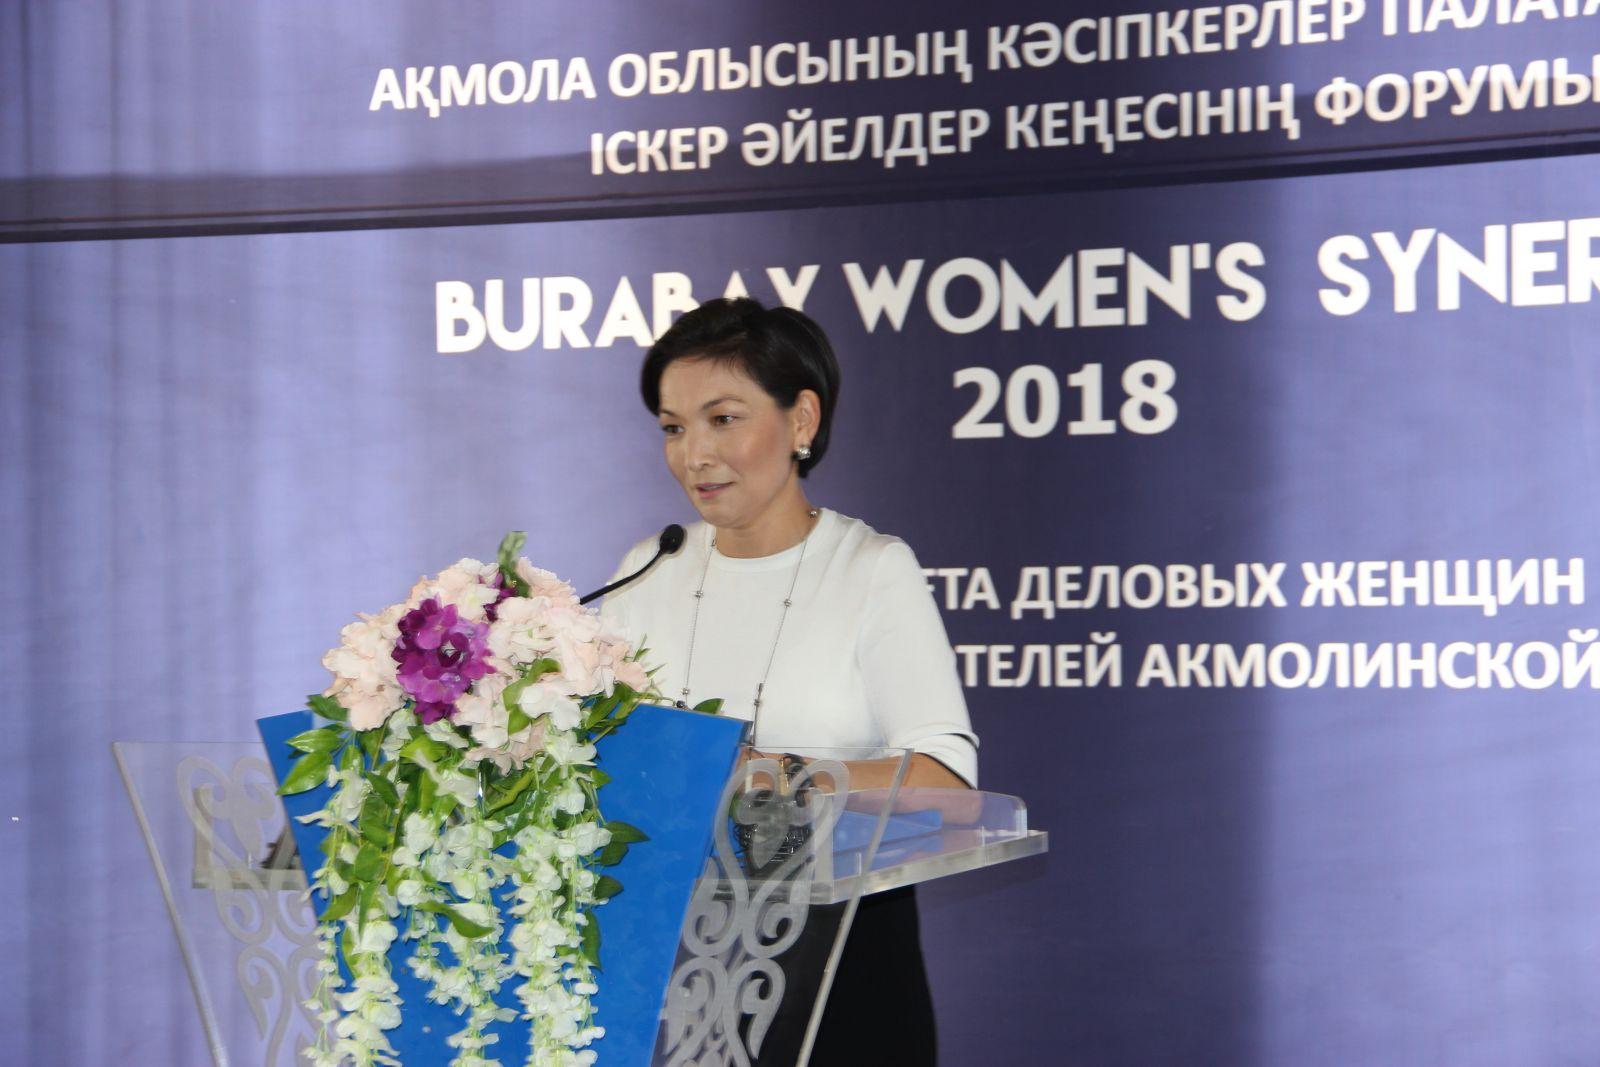 В Боровом впервые прошёл инновационный бизнес-форум для женщин Burabay Women's Synergy